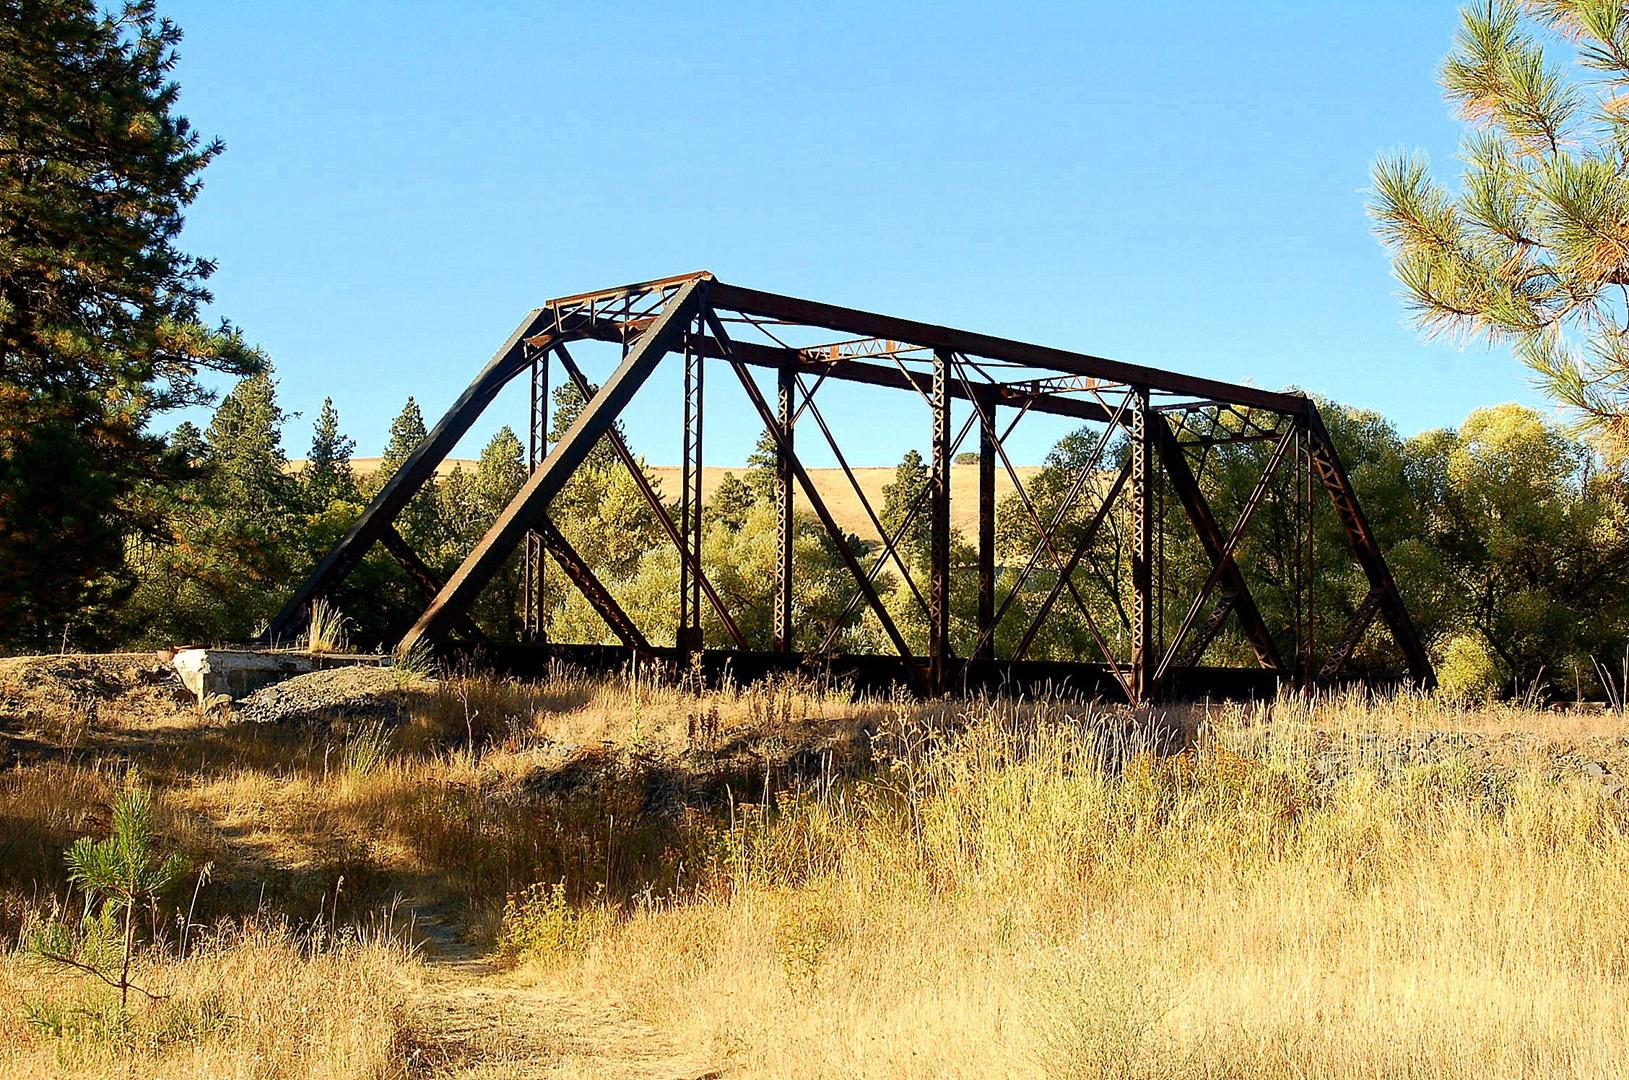 Railroad trestle in Elberton